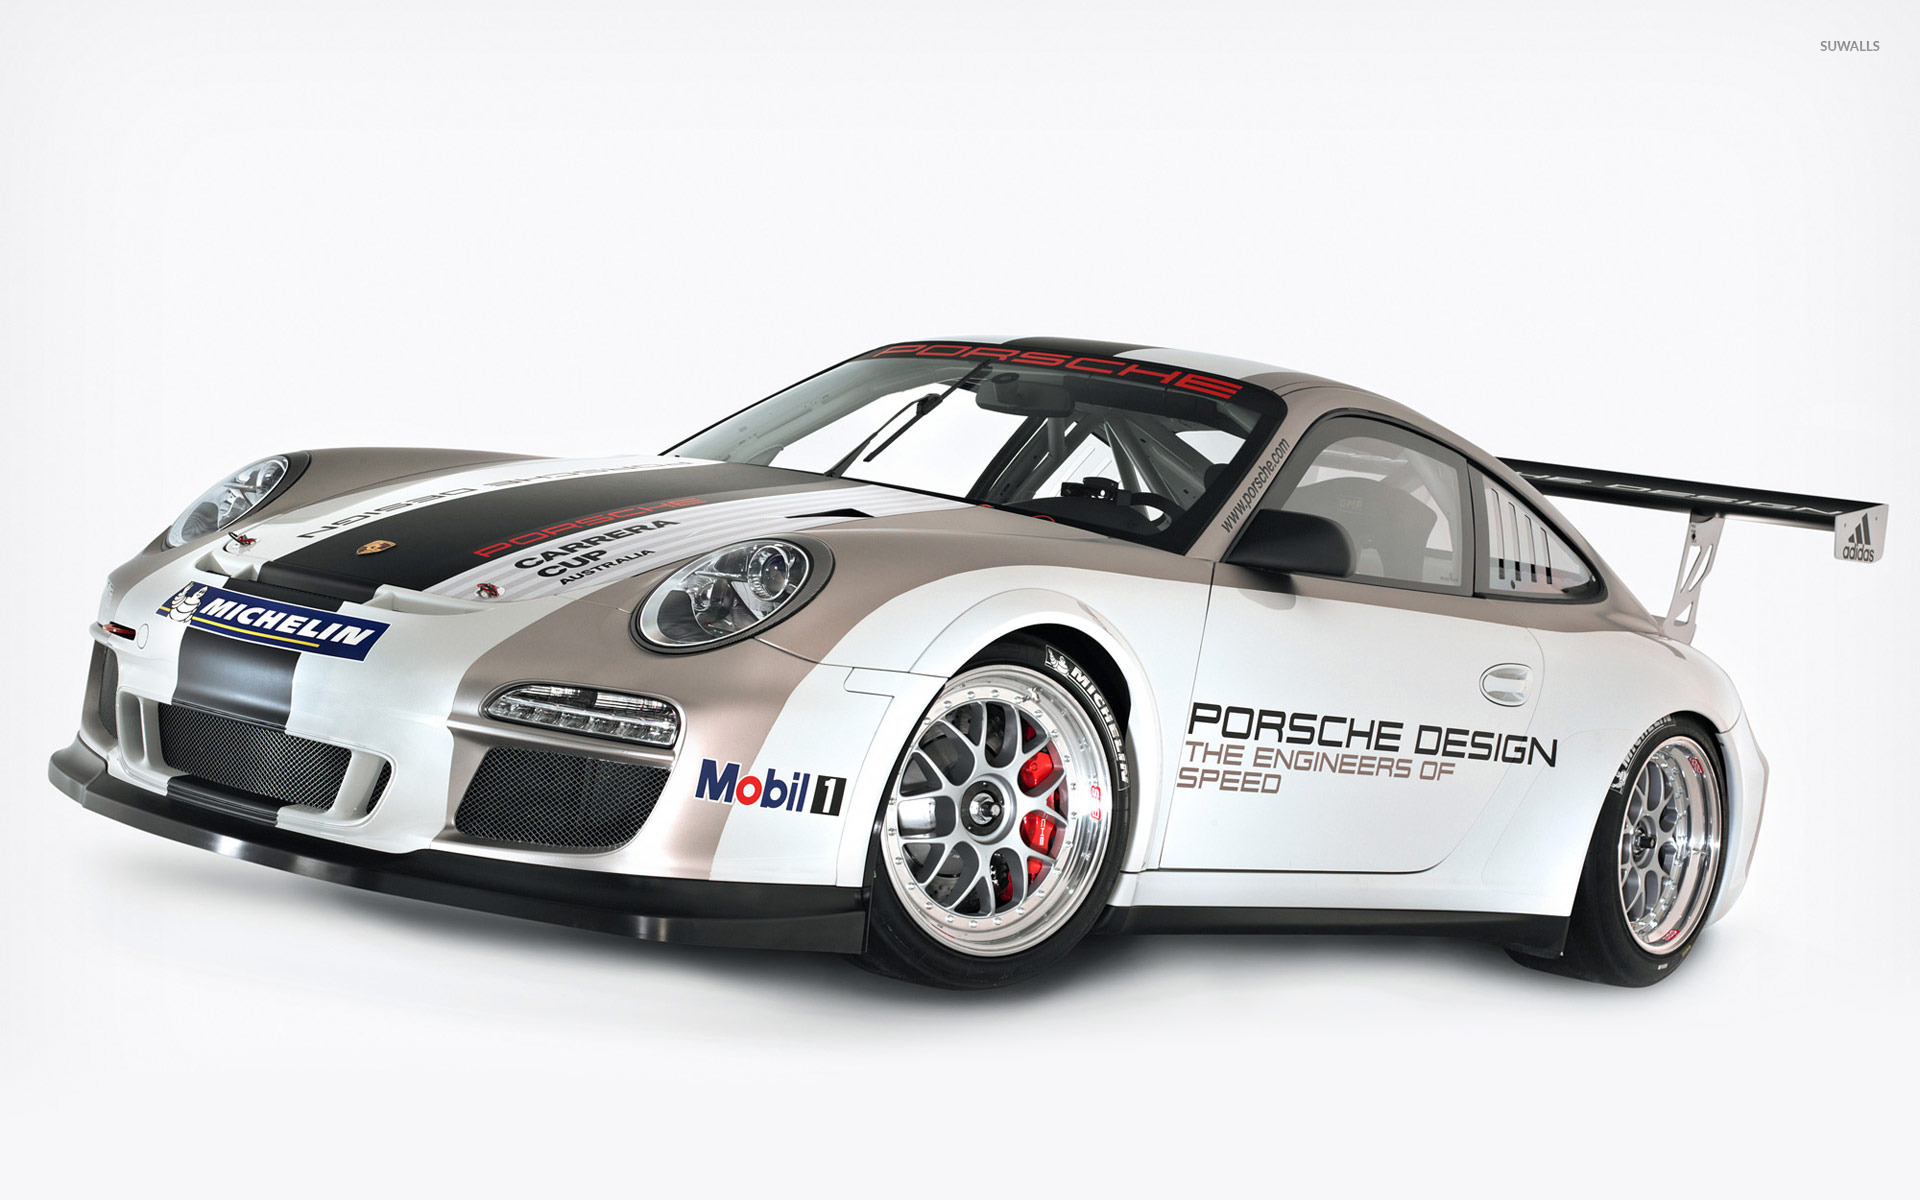 porsche 911 gt3 cup 3 wallpaper 1920x1200 jpg - Porsche 918 Rsr Wallpaper